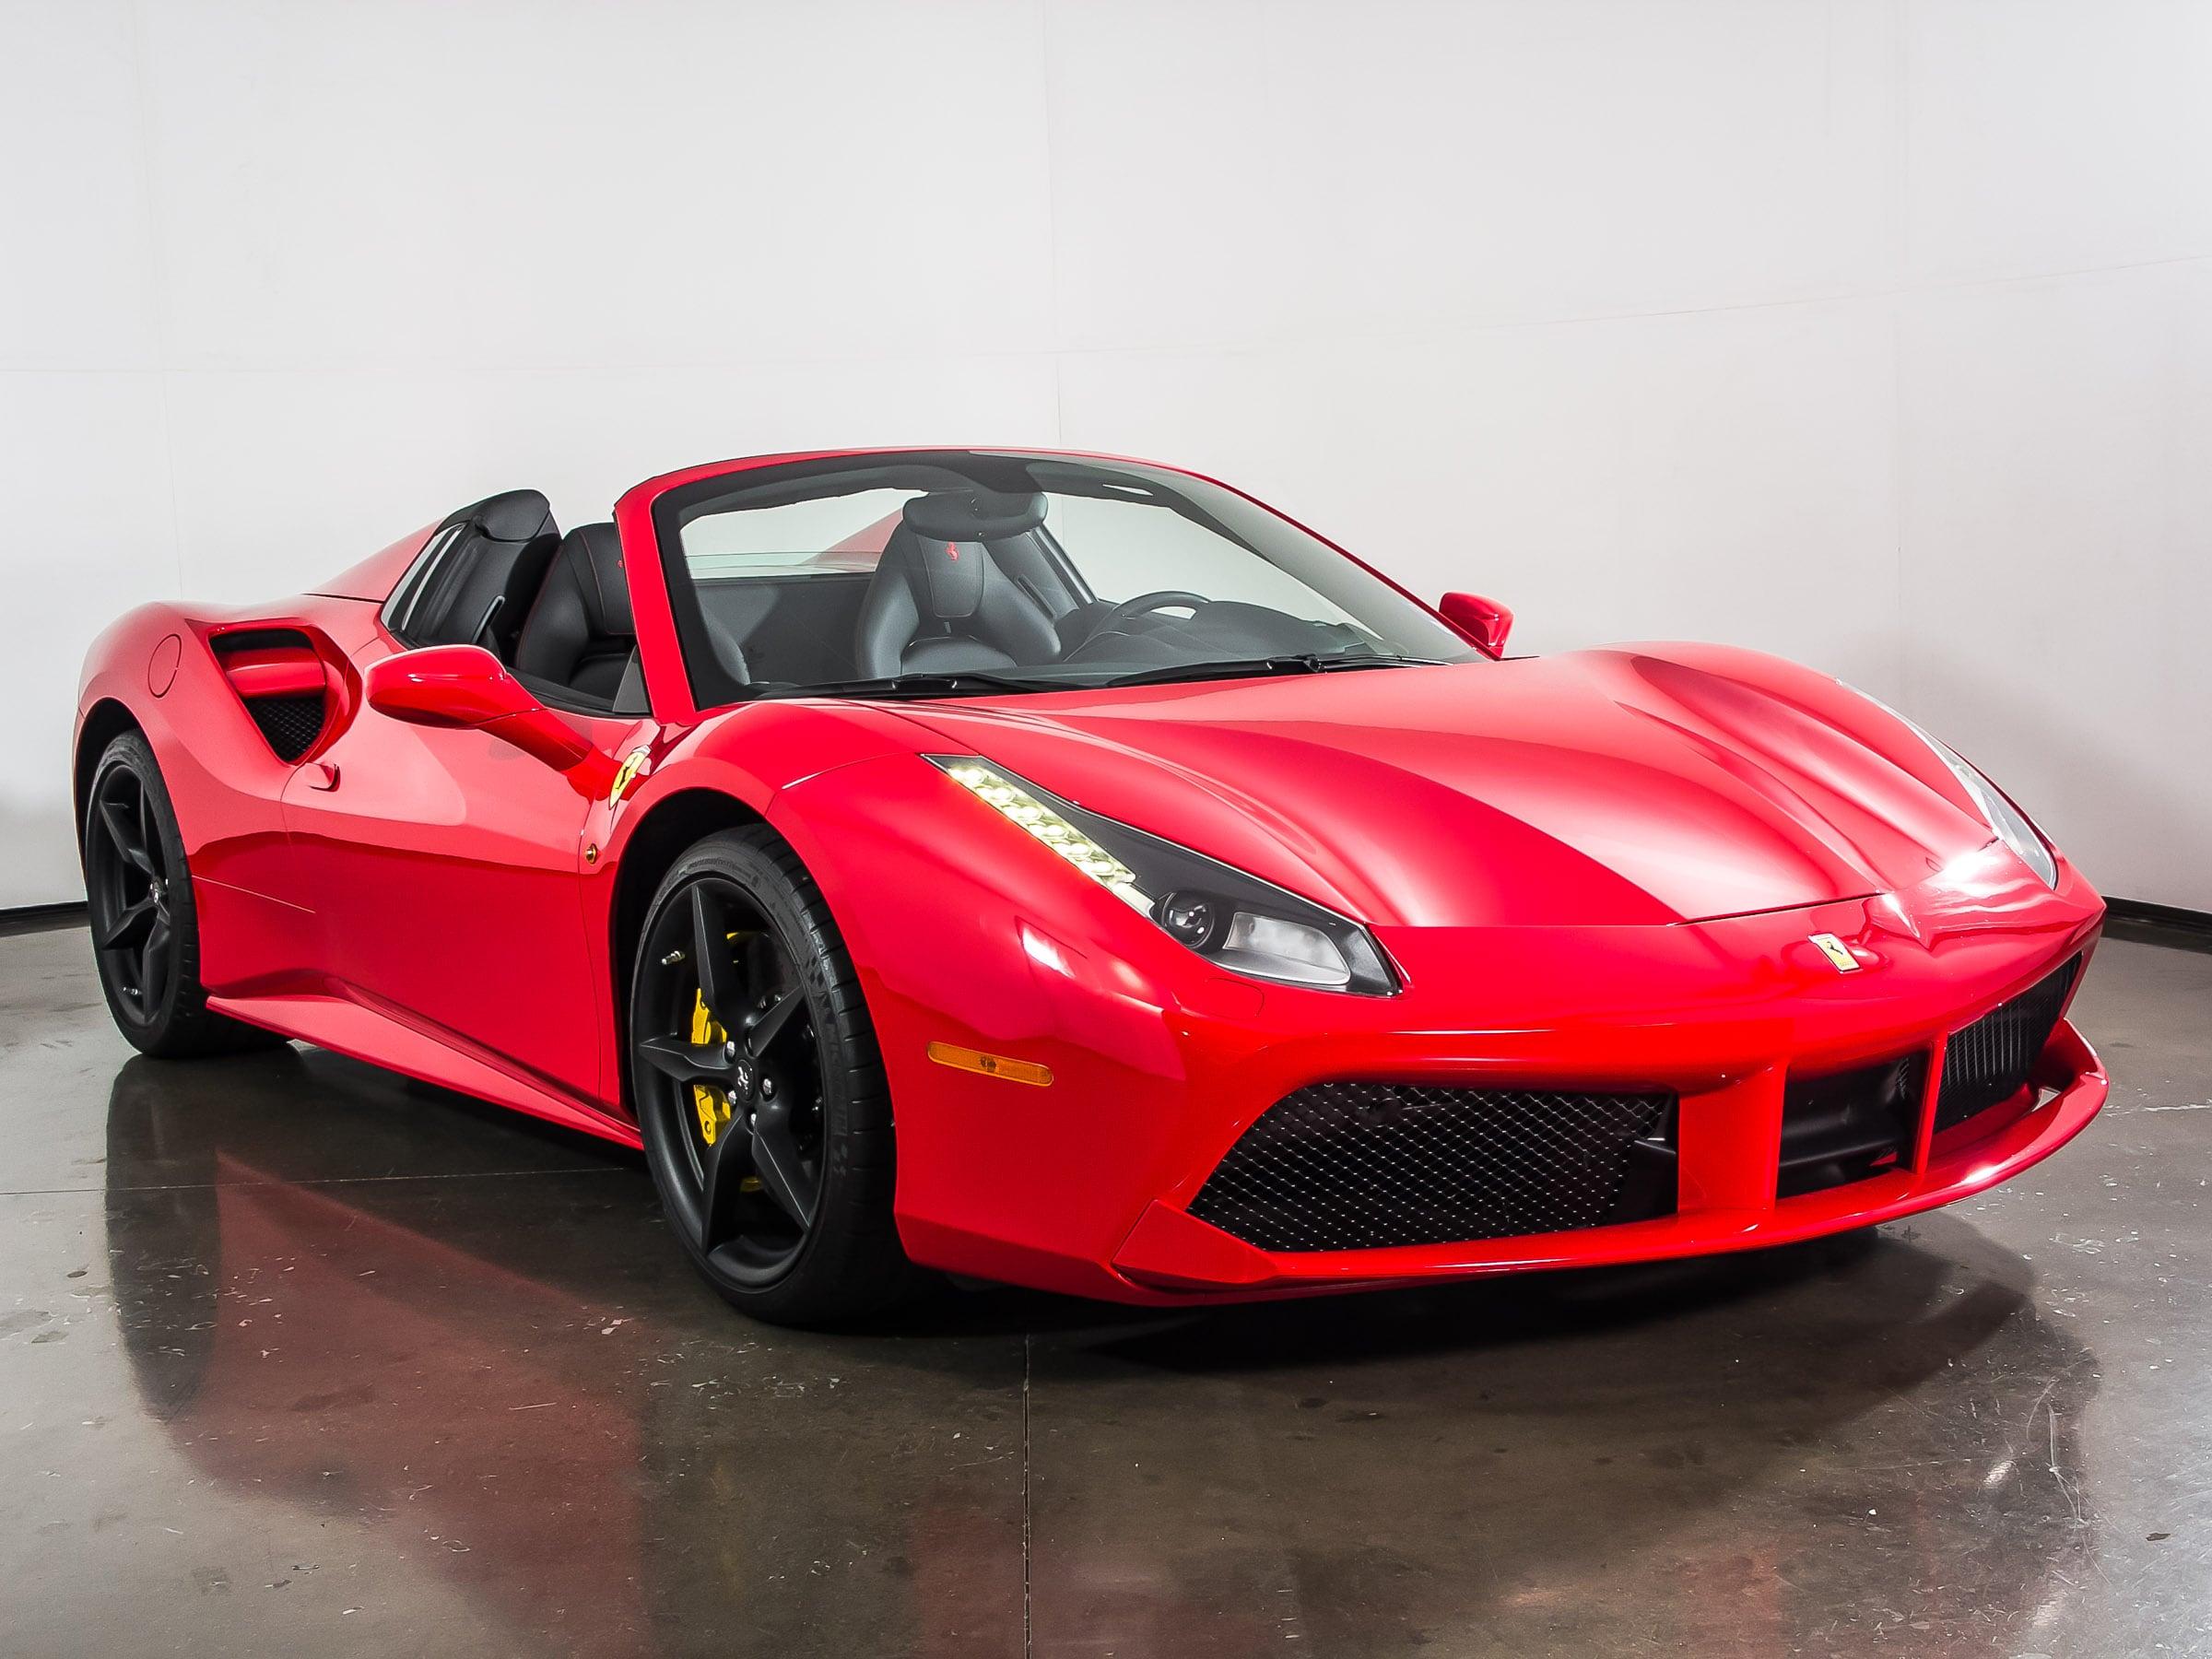 Used 2016 Ferrari 488 Spider For Sale Plano, TX